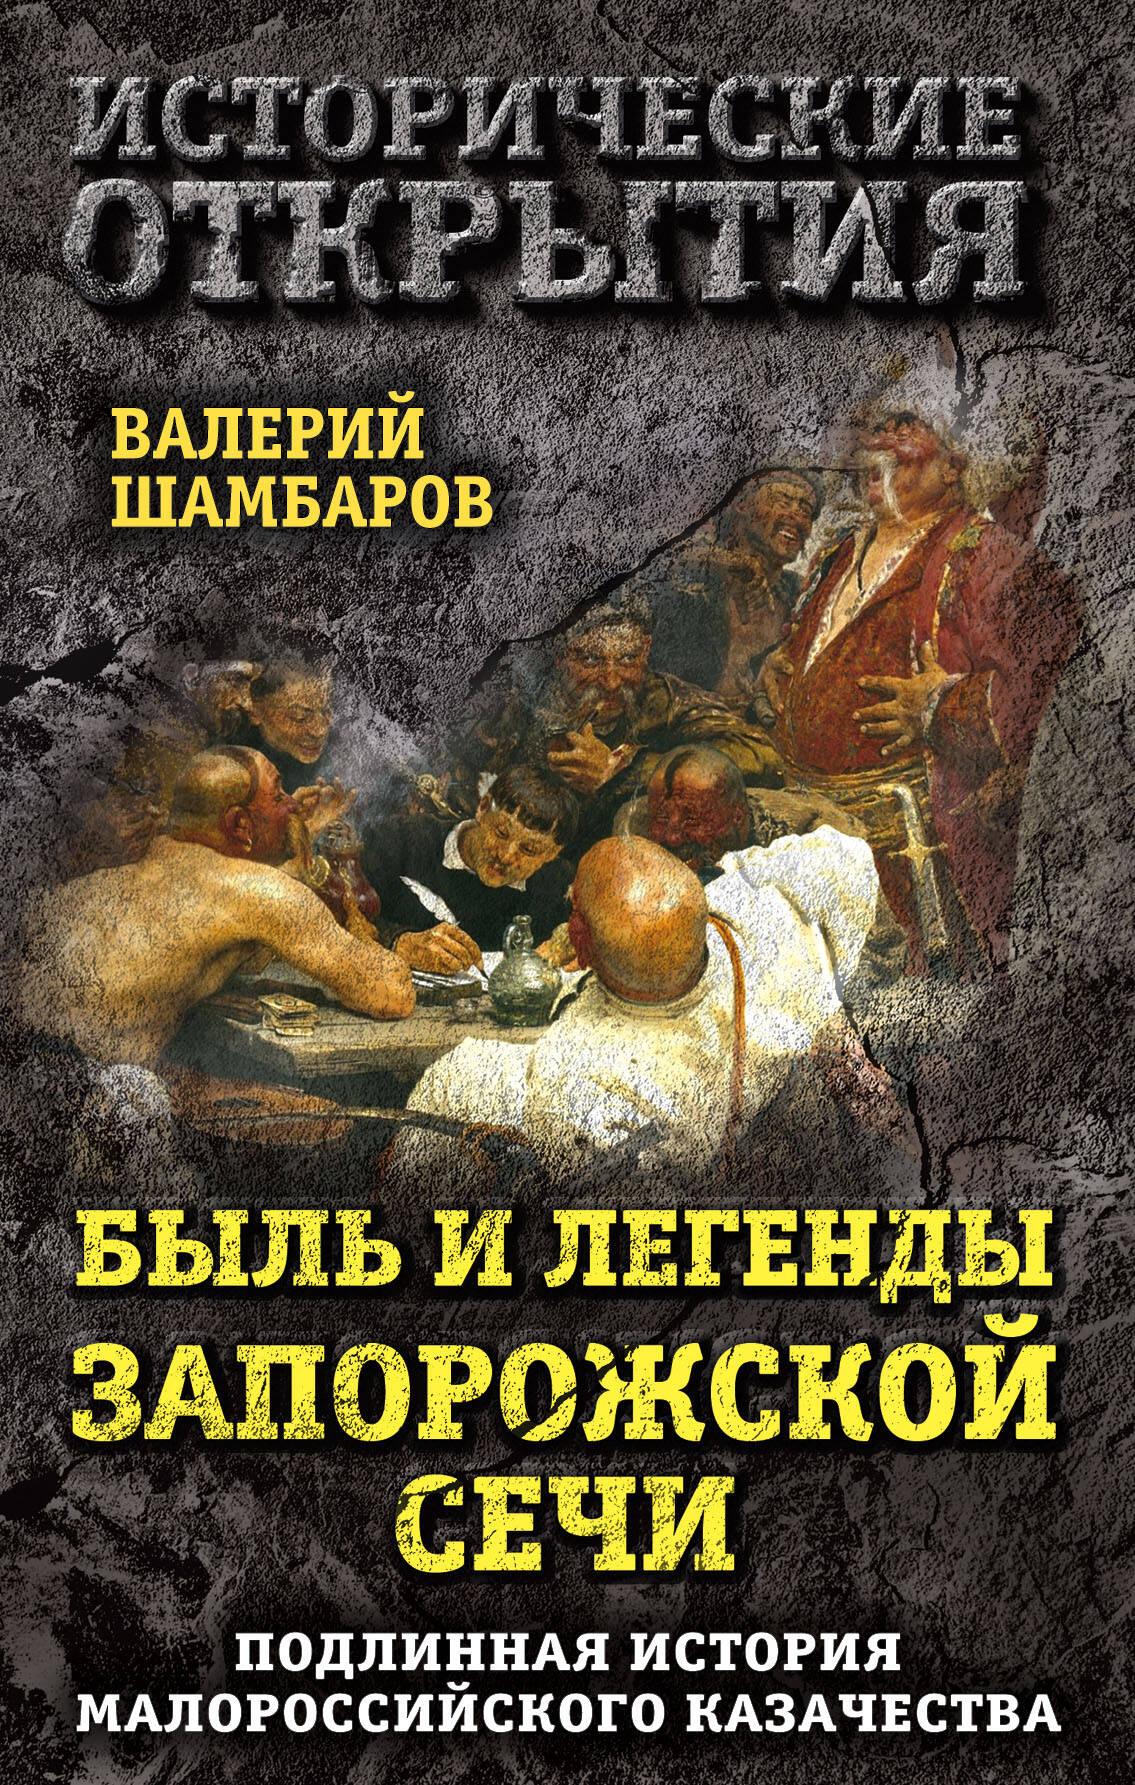 В ШАМБАРОВ КНИГИ СКАЧАТЬ БЕСПЛАТНО